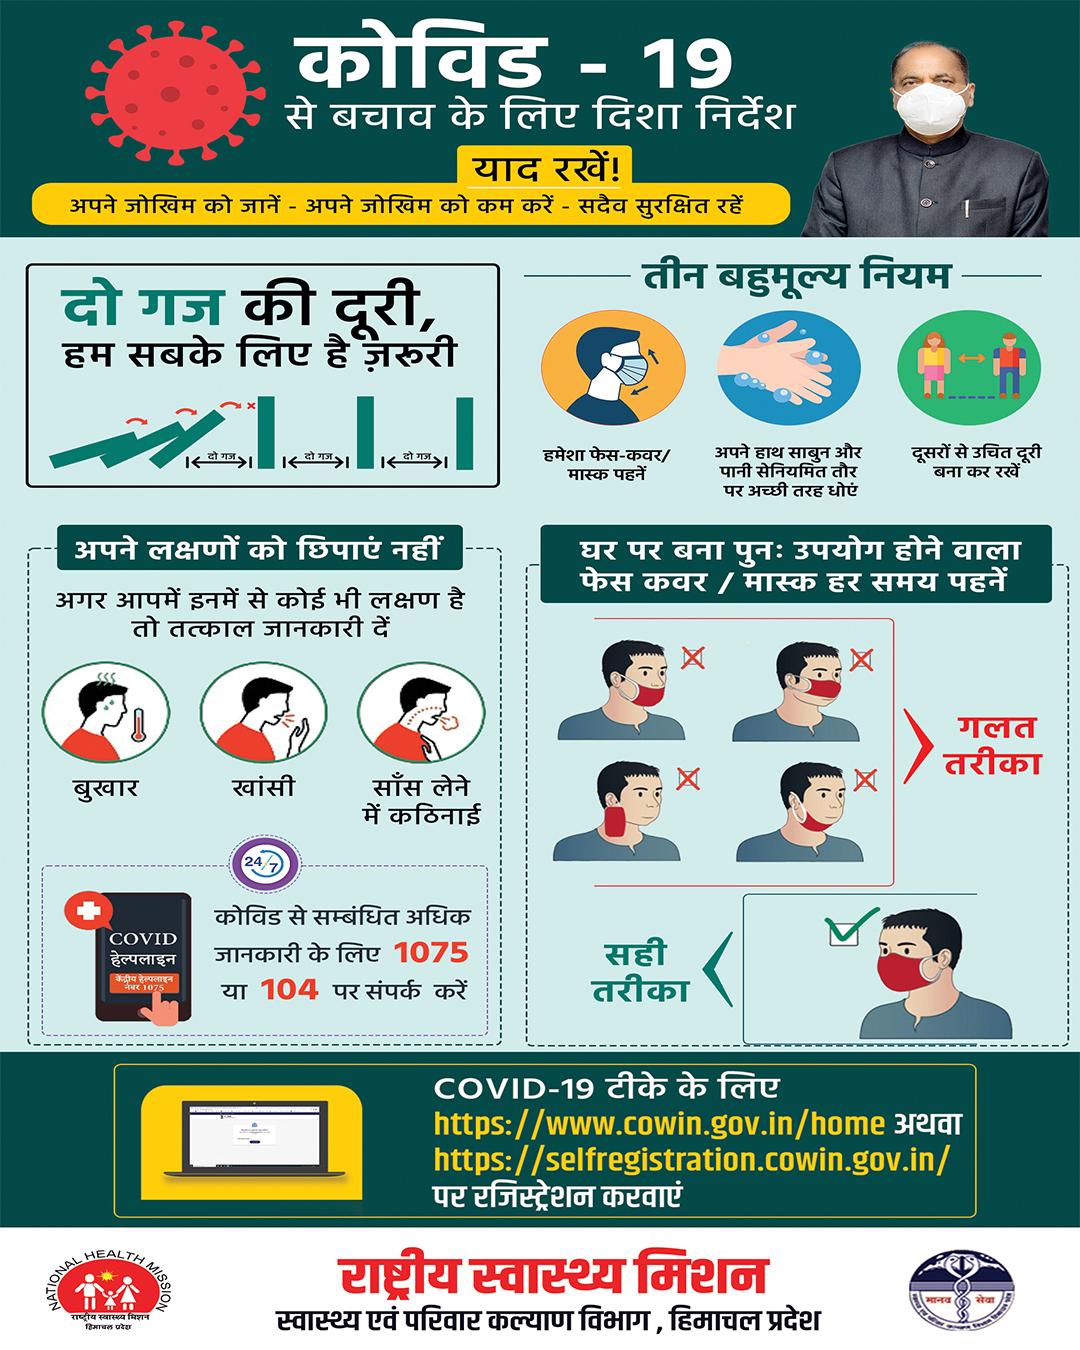 NHM हिमाचल प्रदेश कोविड टीकाकरण अभियान, ऑनलाइन कार्यशालाओं में कर रहा प्रश्नों का निपटारा